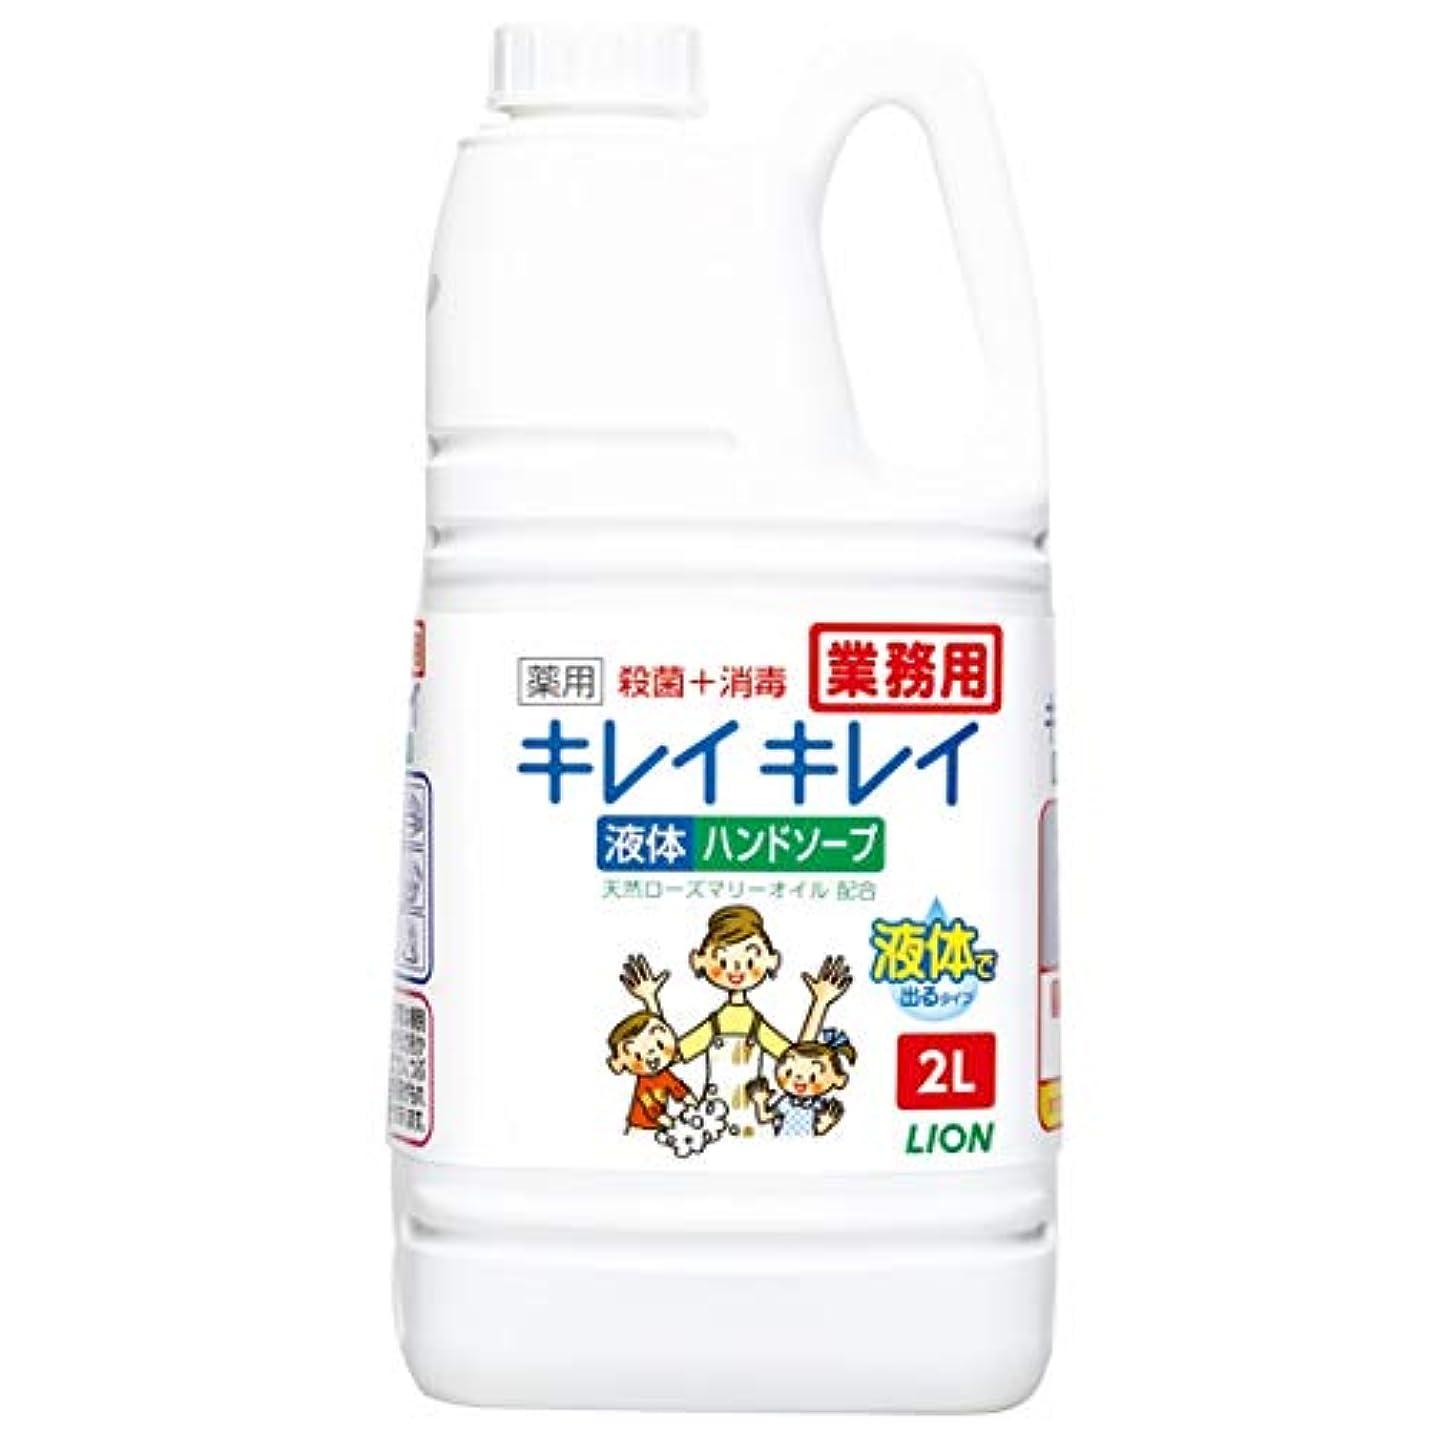 ガロン傘眠り【業務用 大容量】キレイキレイ 薬用 ハンドソープ 2L(医薬部外品)